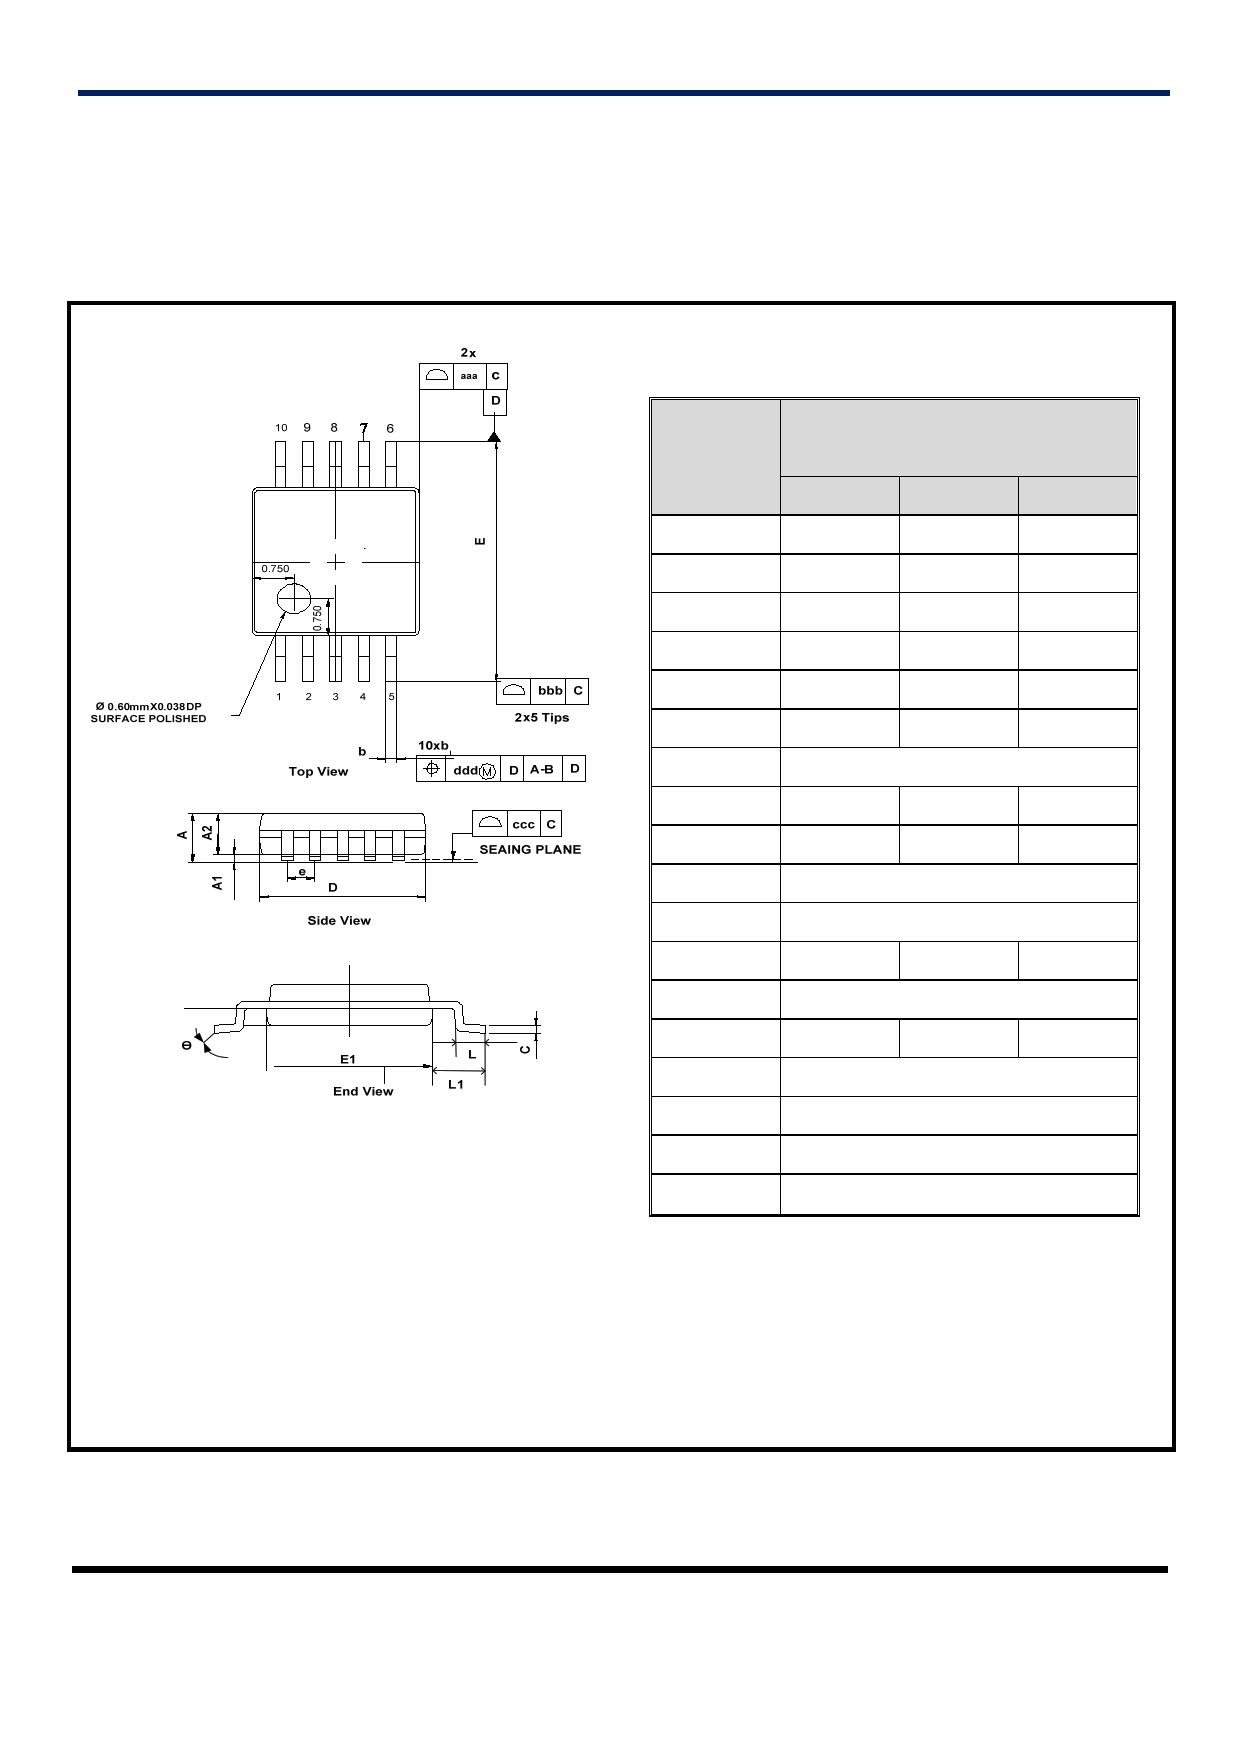 TPF607 pdf, datenblatt